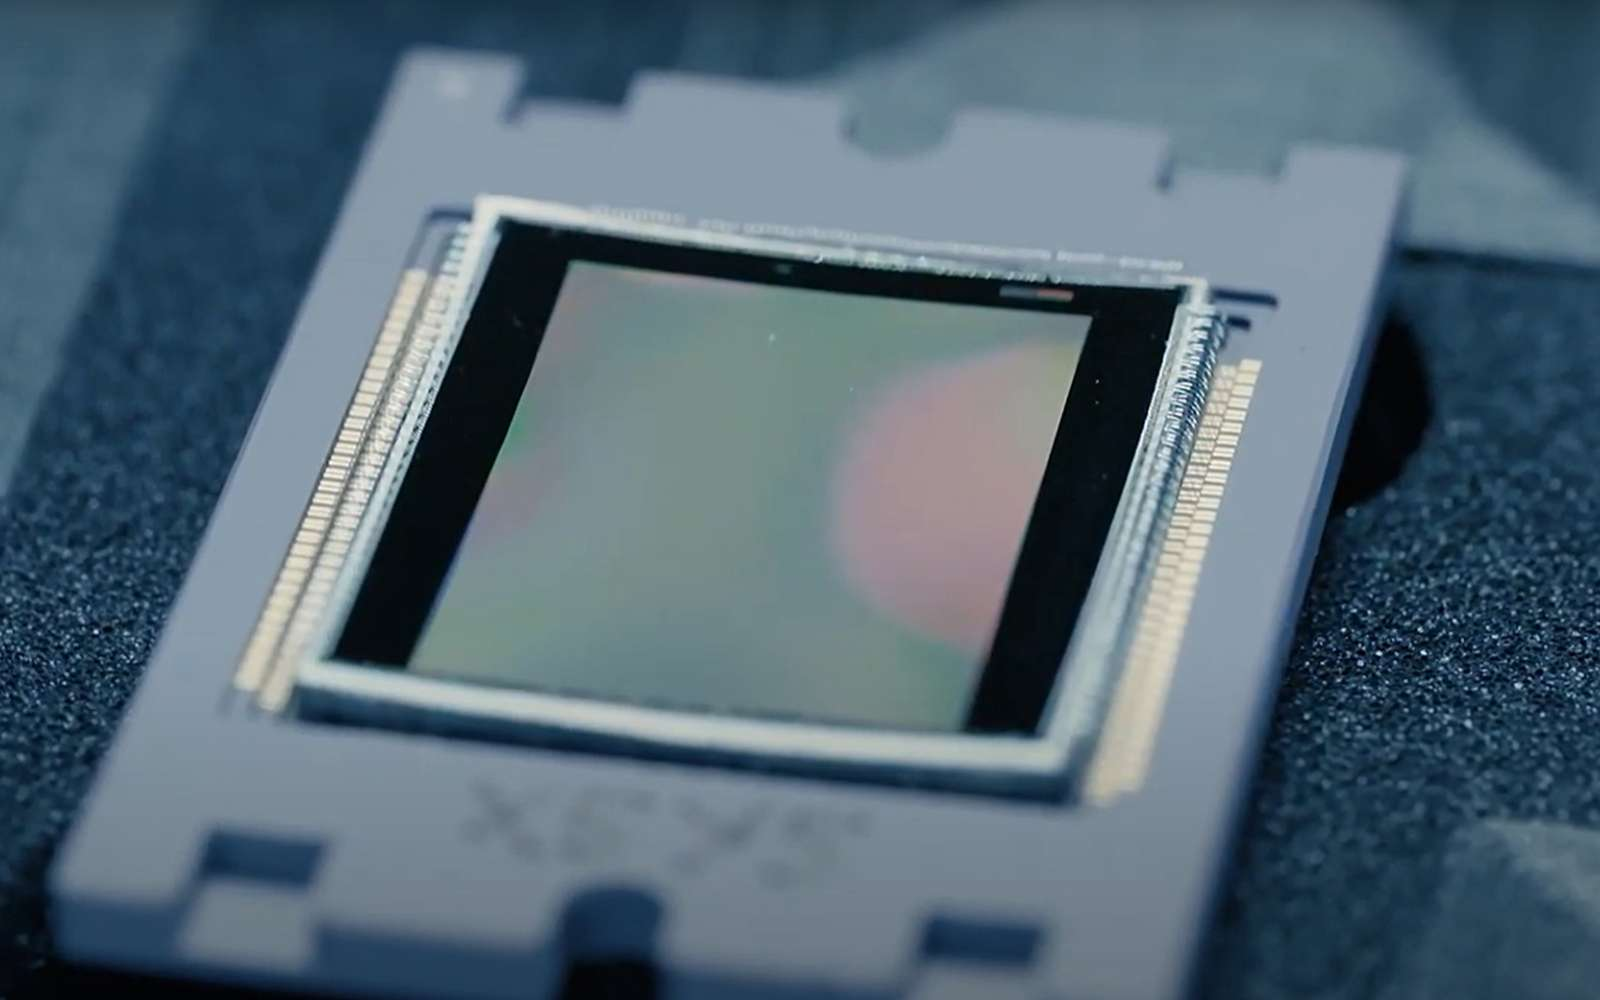 Ce n'est pas demain que l'on trouvera des capteurs courbes dans les appareils photo Reflex, car il faudrait modifier toutes les optiques. En revanche, le marché des mobiles pourrait bien les propulser. © Curve, CNRS